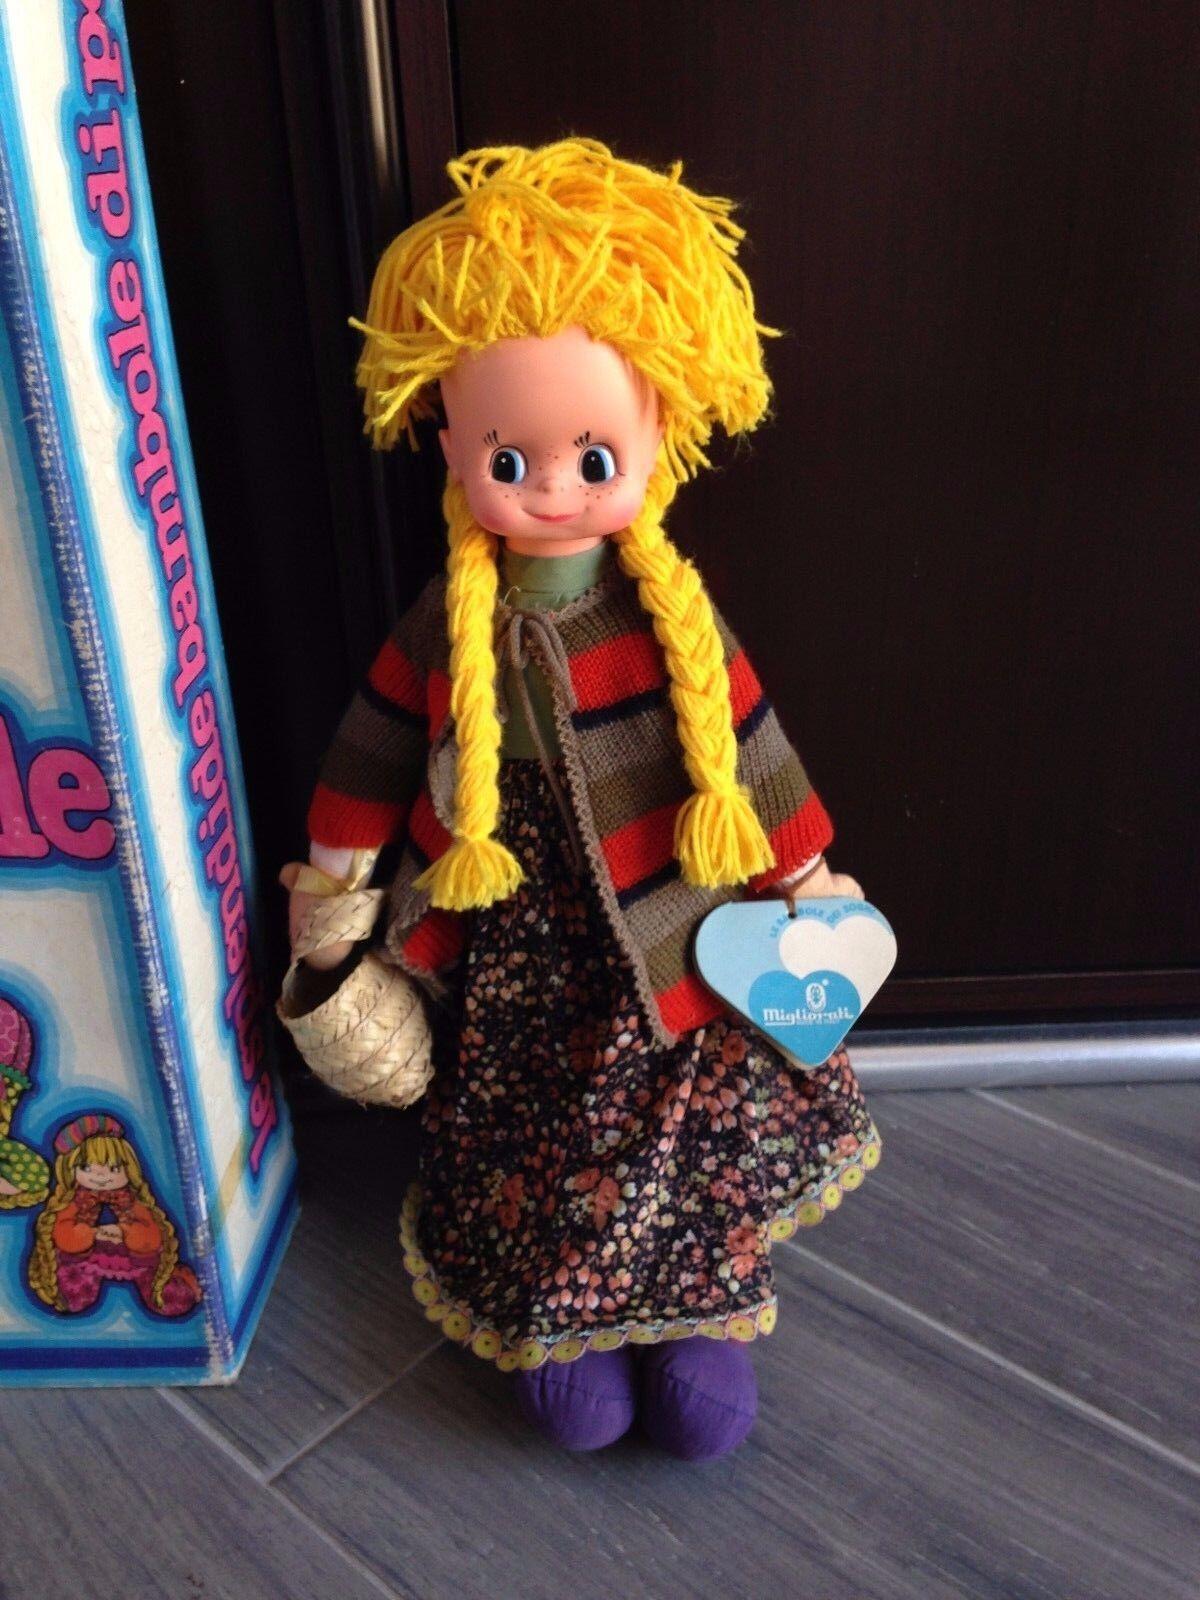 MIGLIORATI 465 bambola poupee doll poupee bambola ANNI '70 BULLA LE SPLENDIDE BAMBOLE DI PEZZA c2136d